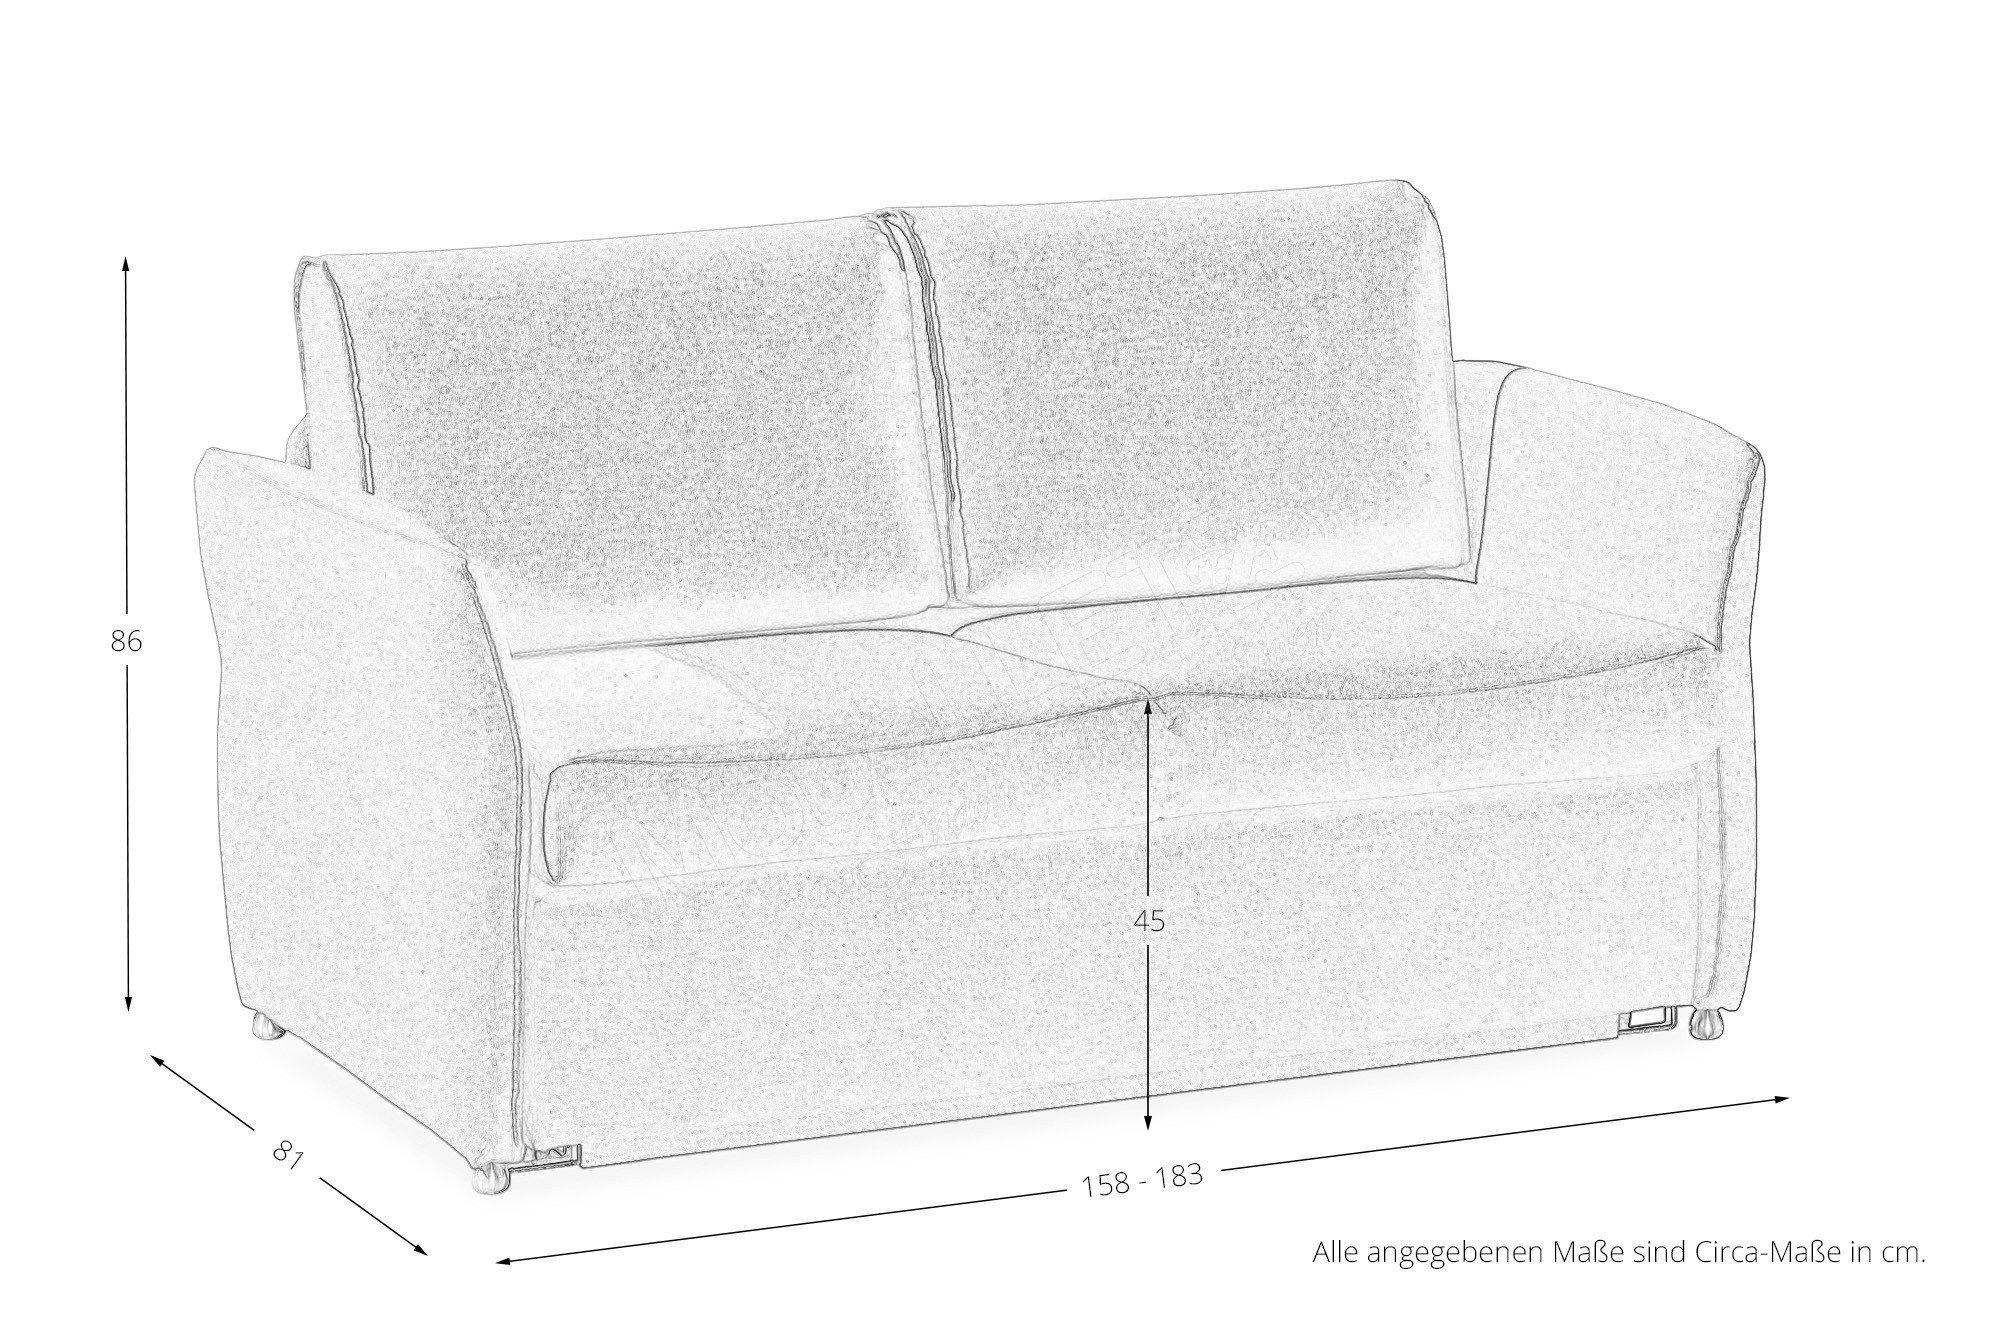 restyl bonnie schlafsofa in rot mit bettkasten m bel letz ihr online shop. Black Bedroom Furniture Sets. Home Design Ideas